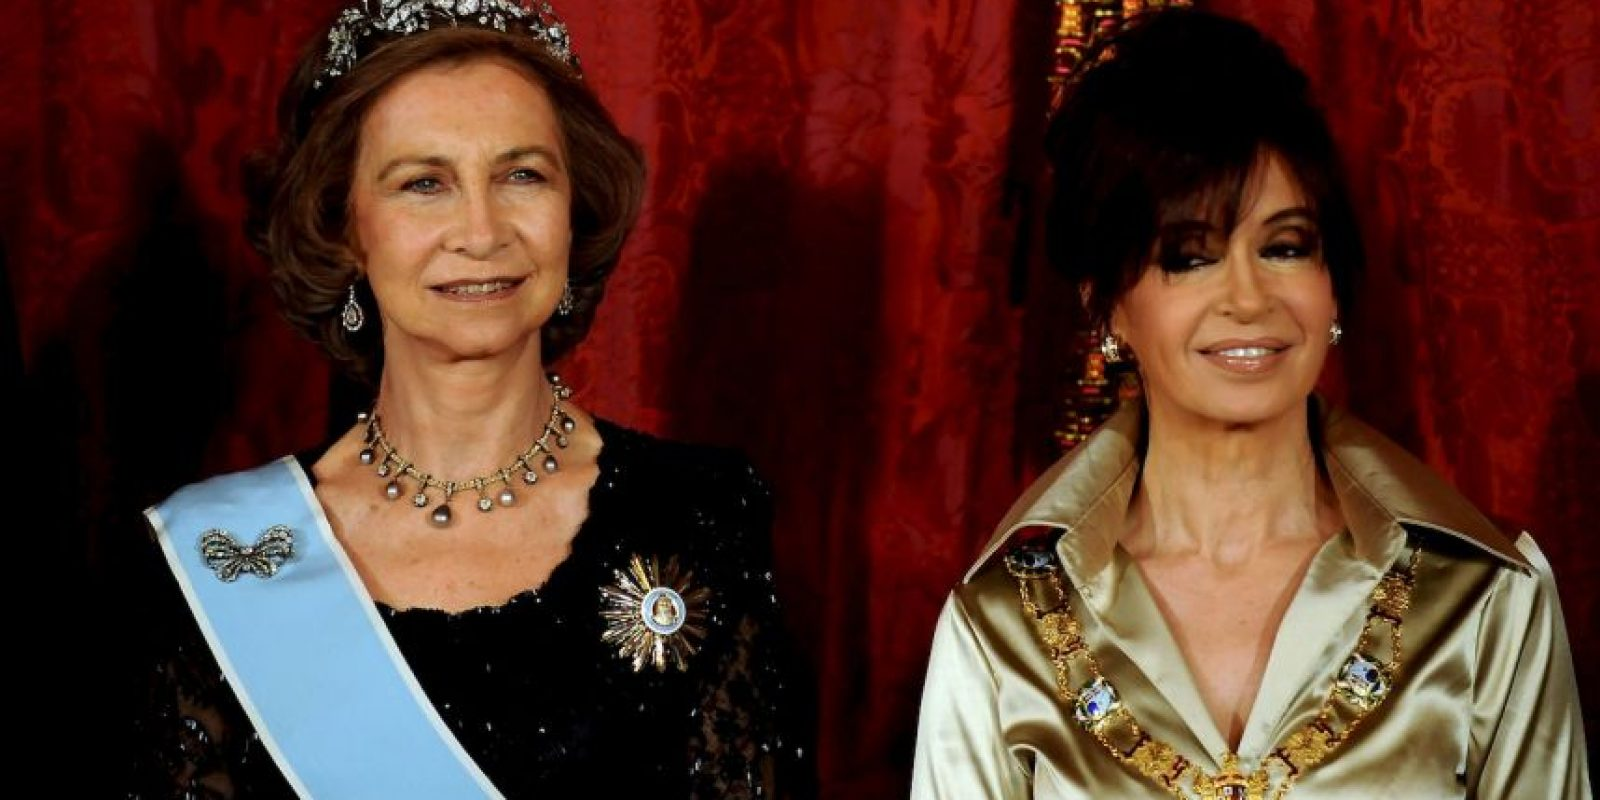 2009, en cena de honor con la Reina Sofía de España Foto:Getty Images